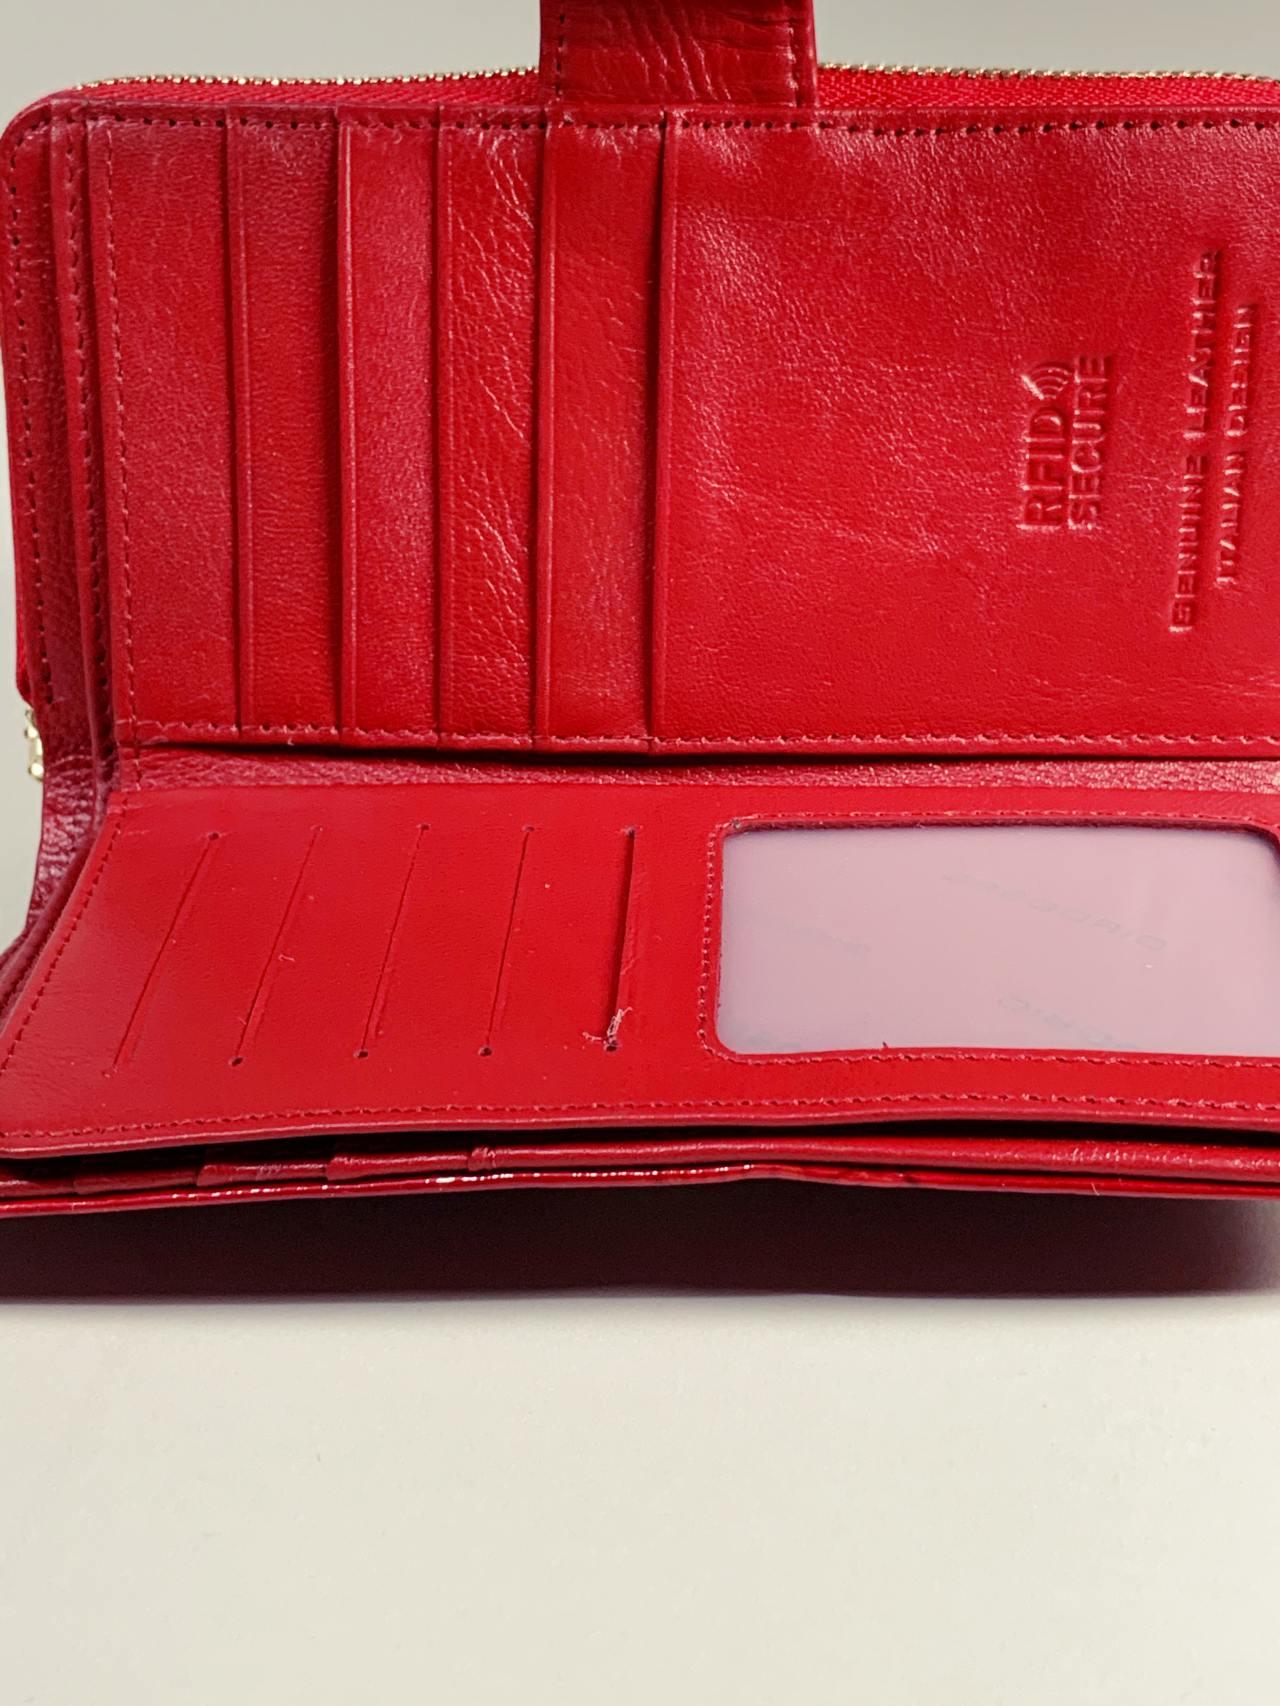 Kožená peněženka Gregorio M červená s motýly -03